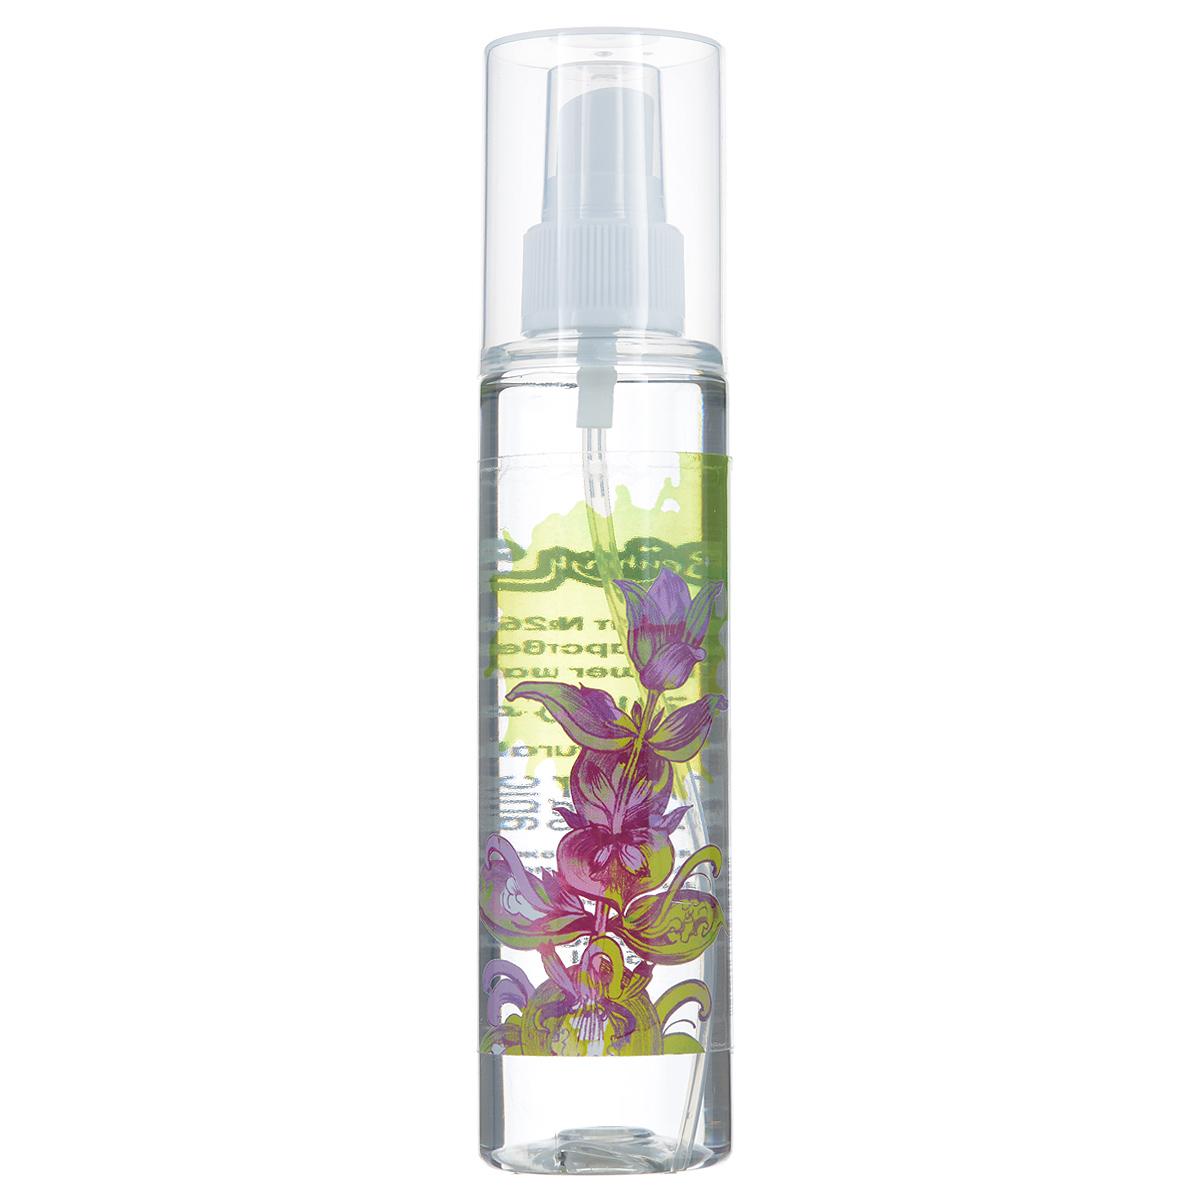 Зейтун Гидролат Шалфей лекарственный, 150 млFS-00897Гидролат шалфея лекарственного, обладающий характерным травяным запахом, особенно рекомендуем для ухода за жирной и комбинированной кожей. Он нормализует выделение кожного сала (себума), сужает поры, убирает угревую сыпь и прочие воспаления. Цветочная вода шалфея лекарственного обладает свойством липолиза, то есть помогает расщеплять жировые клетки. Поэтому советуем включать её в антицеллюлитные программы.Гидролат шалфея лекарственного вы можете использовать разными способами: • в качестве природного дезодоранта для тела и ног, • применять, как ополаскиватель после мытья тёмных волос для придания им блеска и сияния, • использовать для тонизации кожи во время антицеллюлитного массажа или ванны, • обеззараживать воздух в помещении во время эпидемий гриппа и ОРЗ, • ароматизировать воздух в сауне, • при уходе за жирной кожей хорошо сочетать с цветочной водой гамамелиса. • промокать укушенные насекомыми места ради устранения жжения, зуда, отёка, красноты.Цветочная вода шалфея лекарственного полностью натуральна, поэтому чувствительна к свету, высоким температурам и микроорганизмам, и храниться она может не более 12 месяцев, причём мы настоятельно рекомендуем держать её в холодильнике. В случае аллергической реакции (жжение, покраснение) следует использовать менее концентрированный раствор (разбавить водой в пропорции 1:3-1:4).